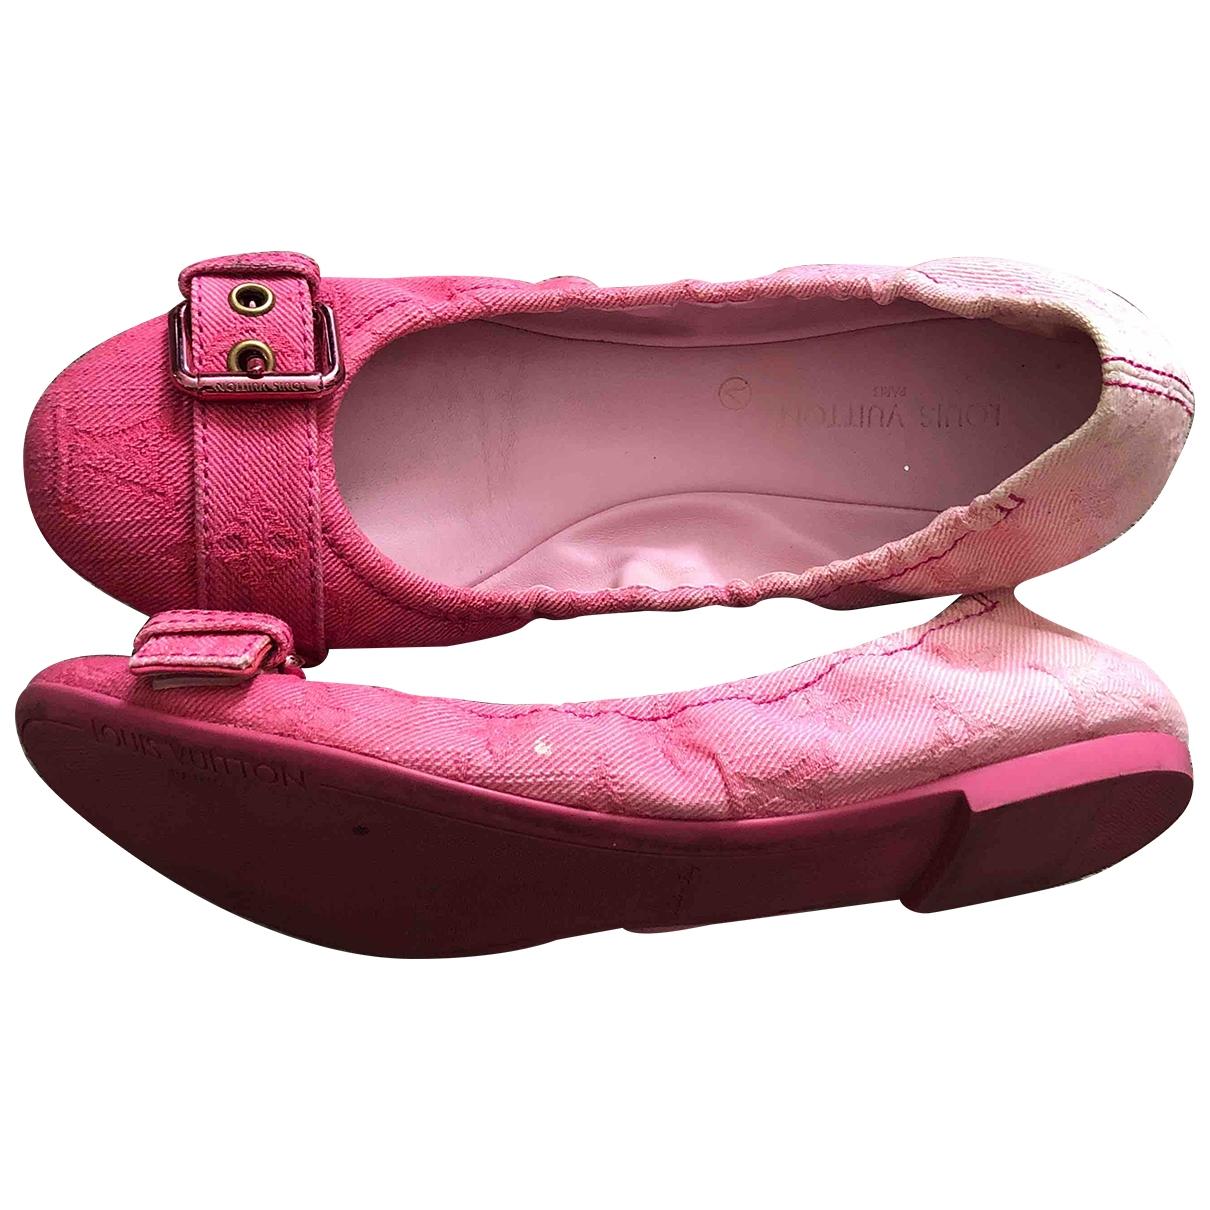 Louis Vuitton - Ballerines   pour femme en toile - rose